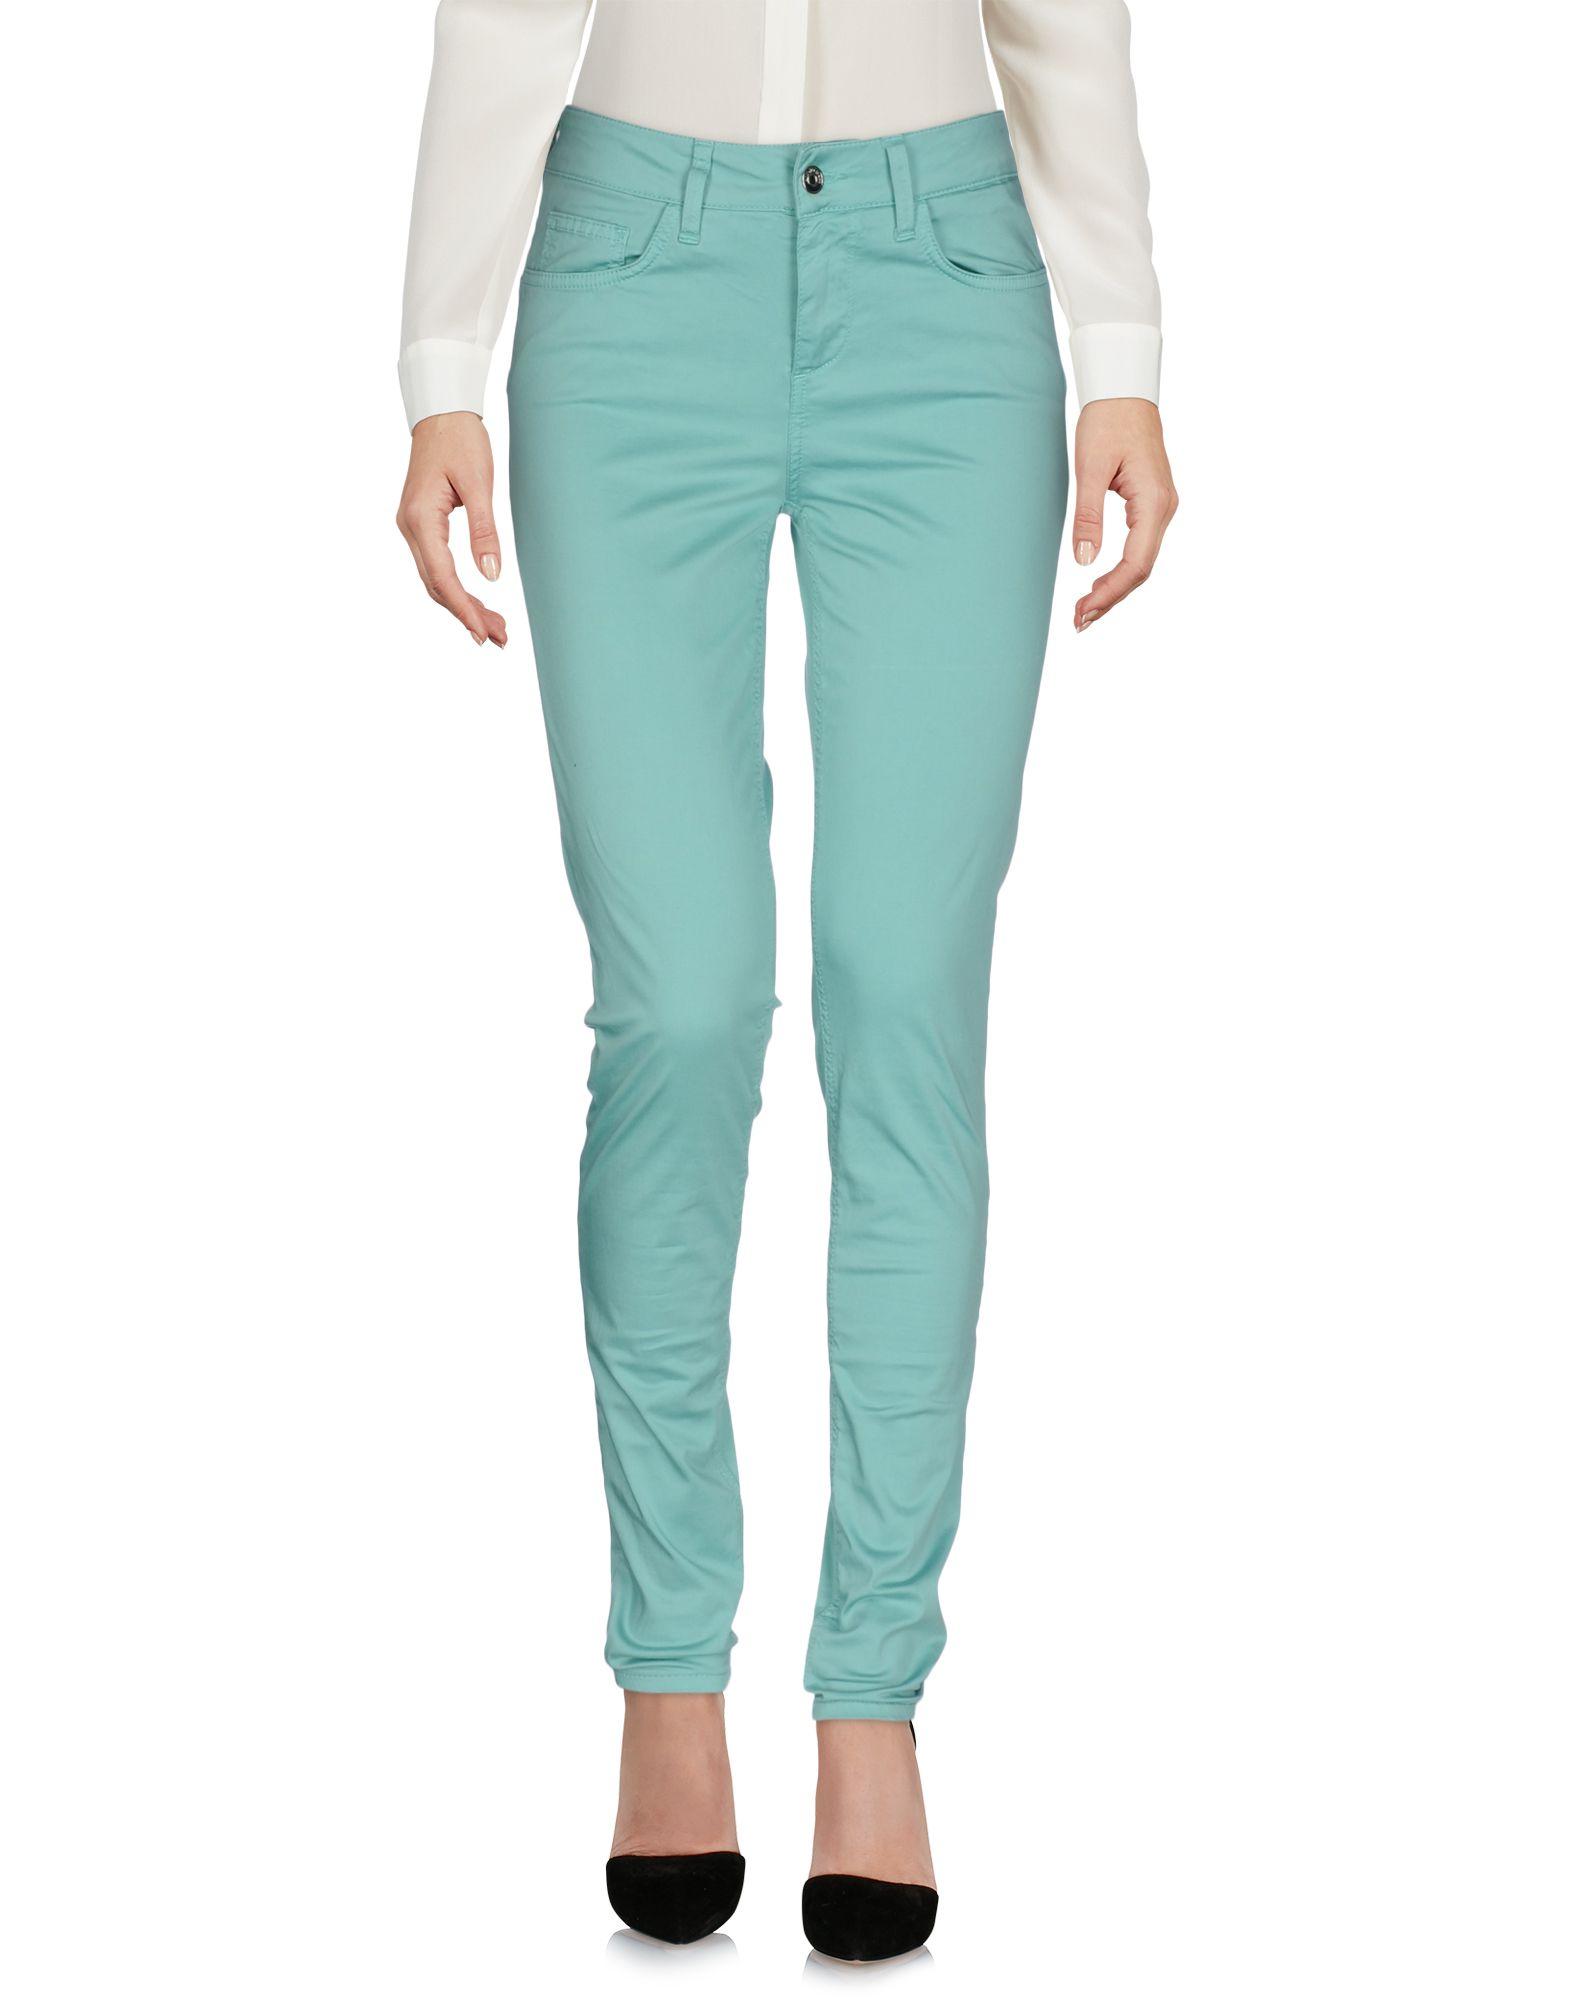 75533f594819 Pantalones - Mujer - Rebajas | Buyviu.com